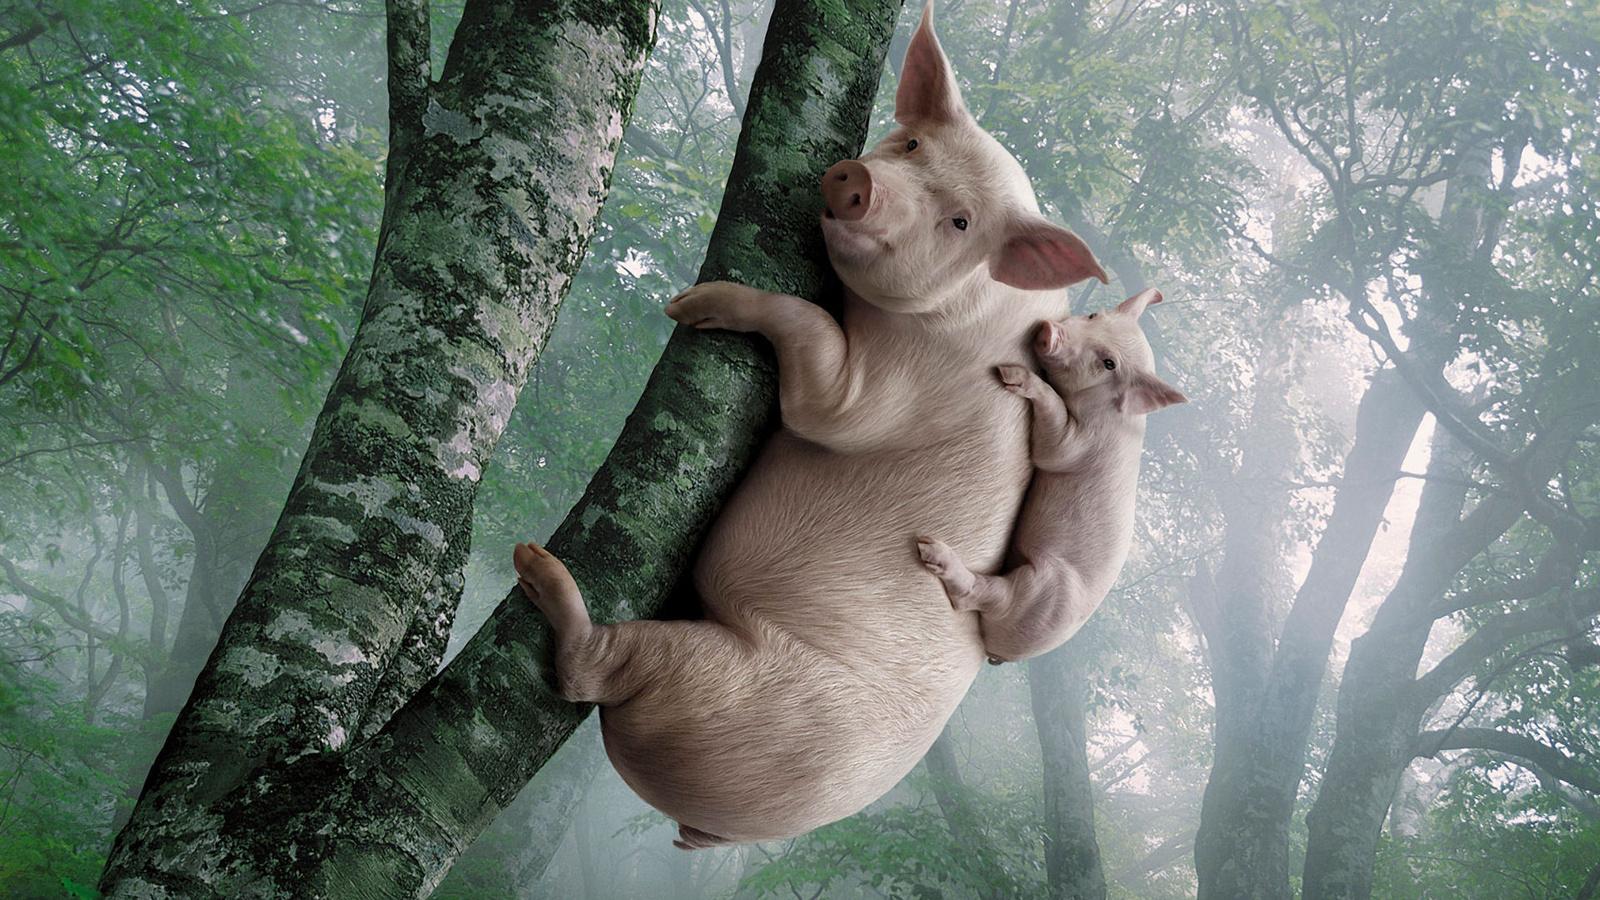 Смешные картинки на дереве